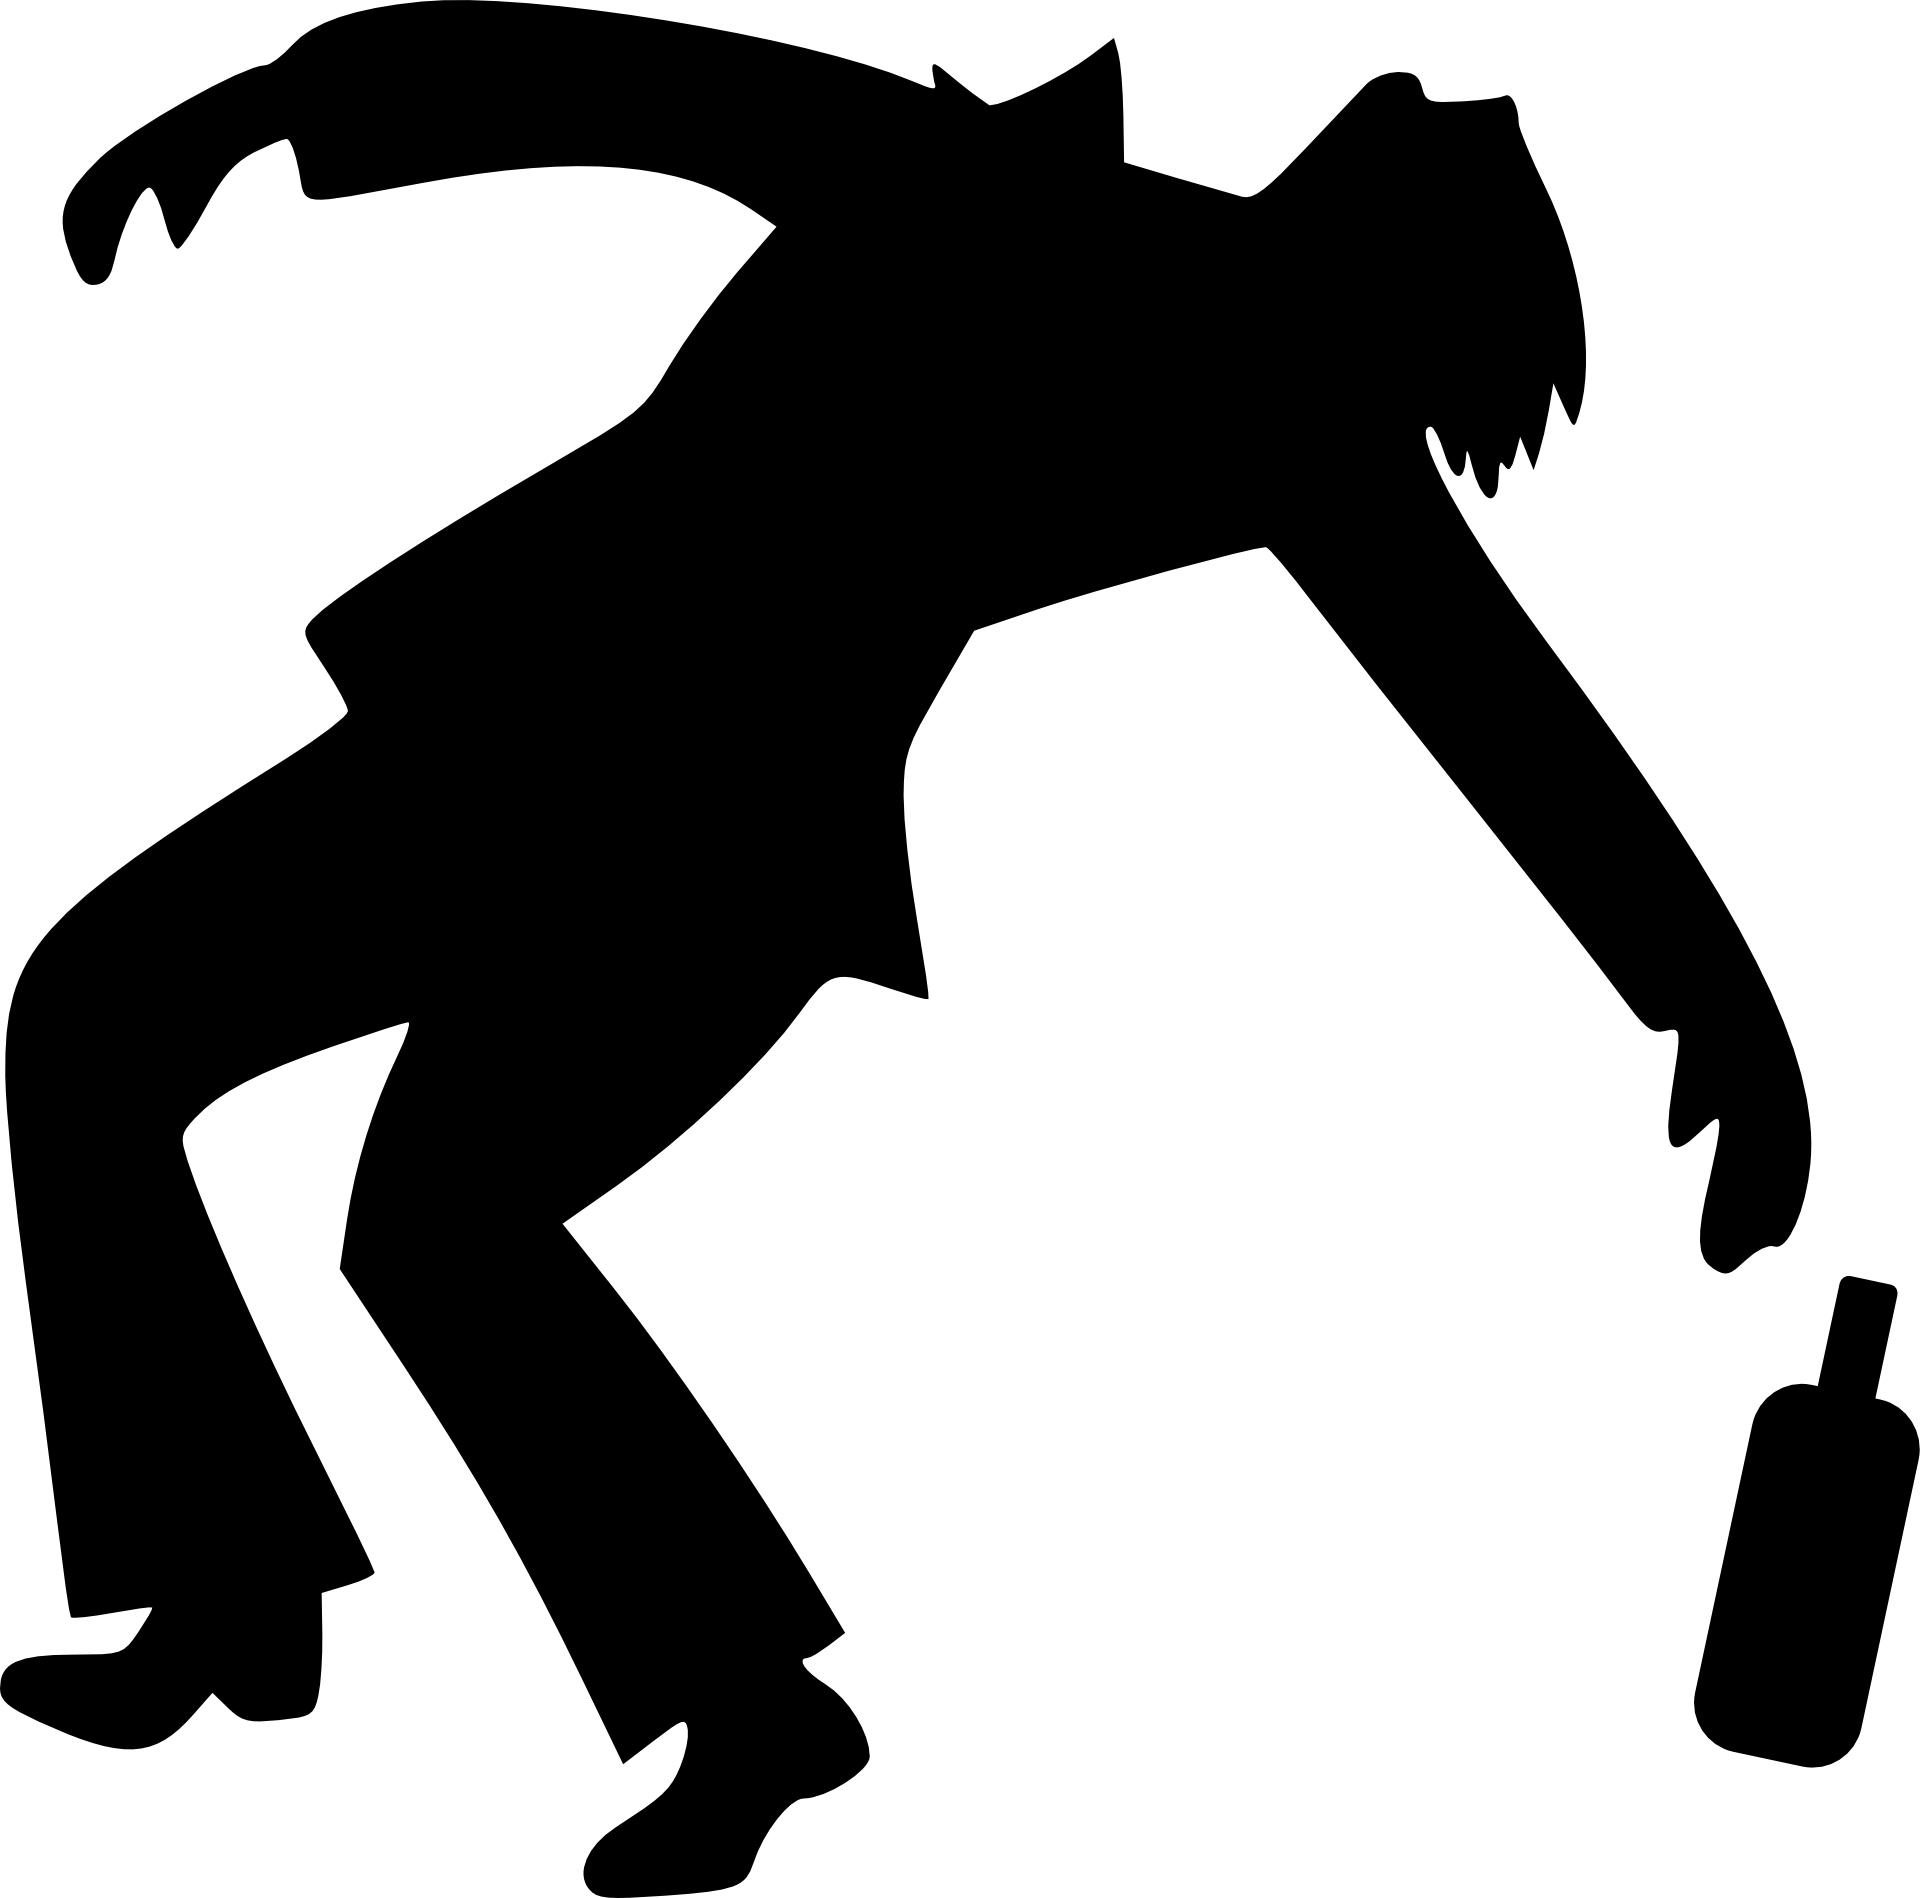 Silhouette of drunken man,vector